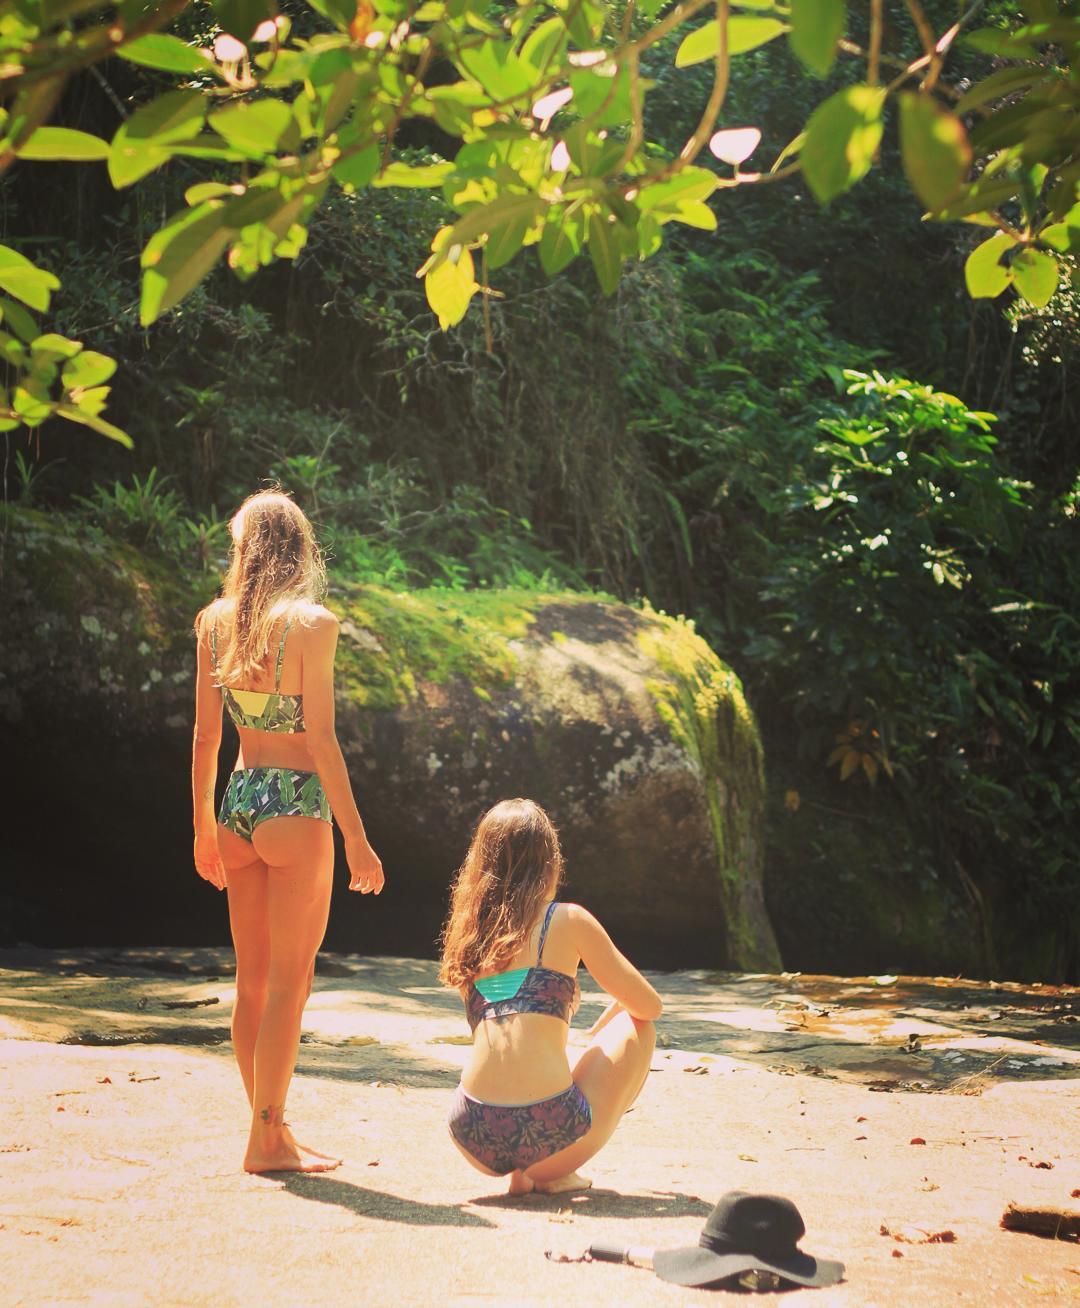 - Explore - #katwai #swimwear #summertime